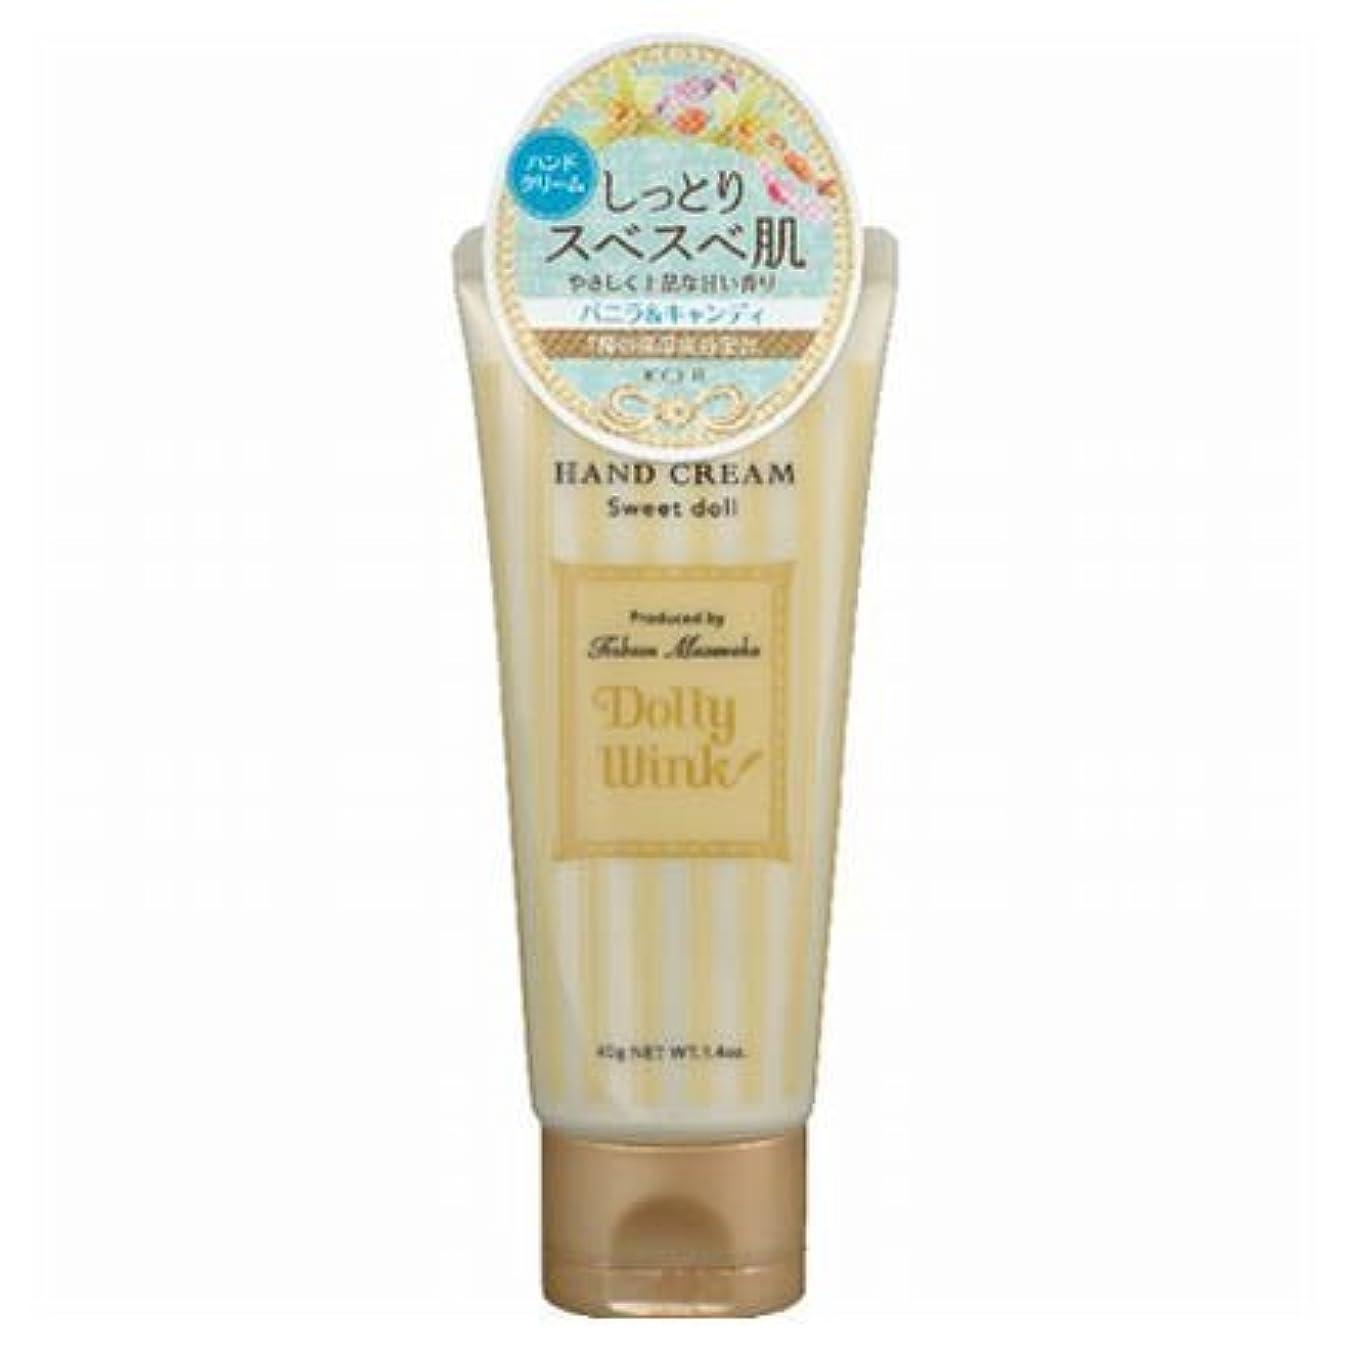 好み直感管理ドーリーウインク ハンドクリーム スイートドール バニラ&キャンディの香り 40g